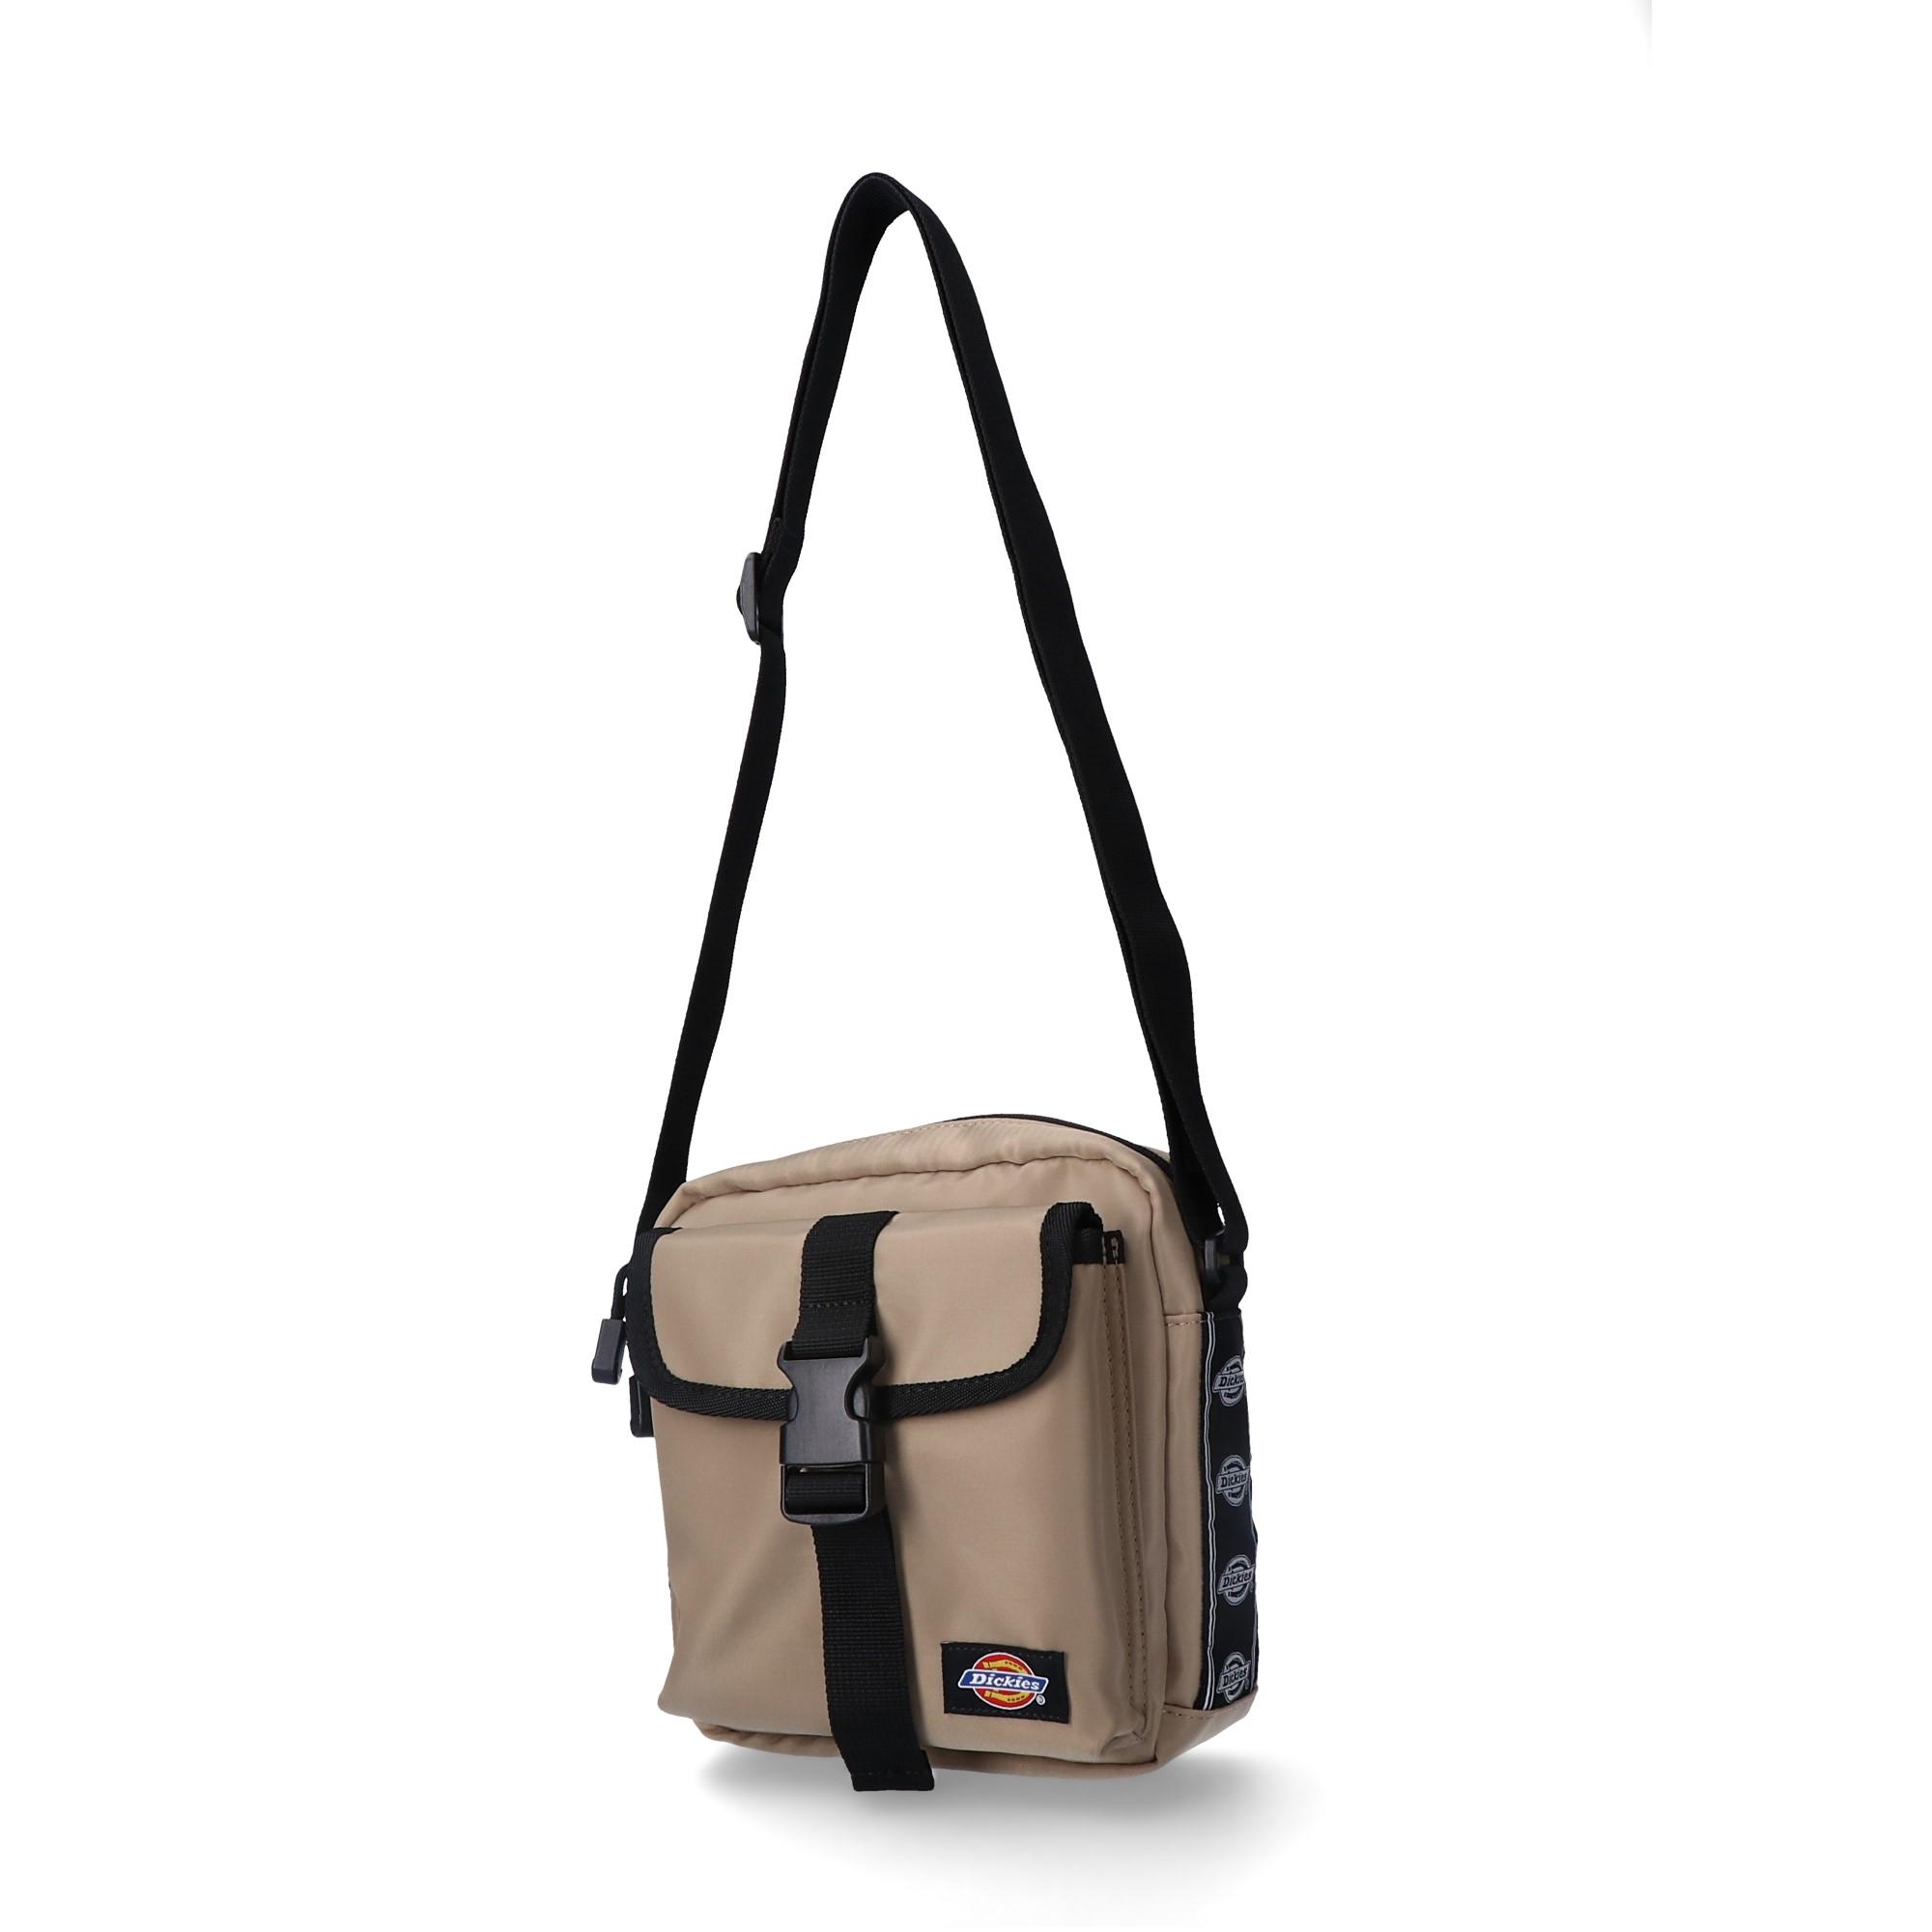 ギャレット様撮影 バッグの商品画像2